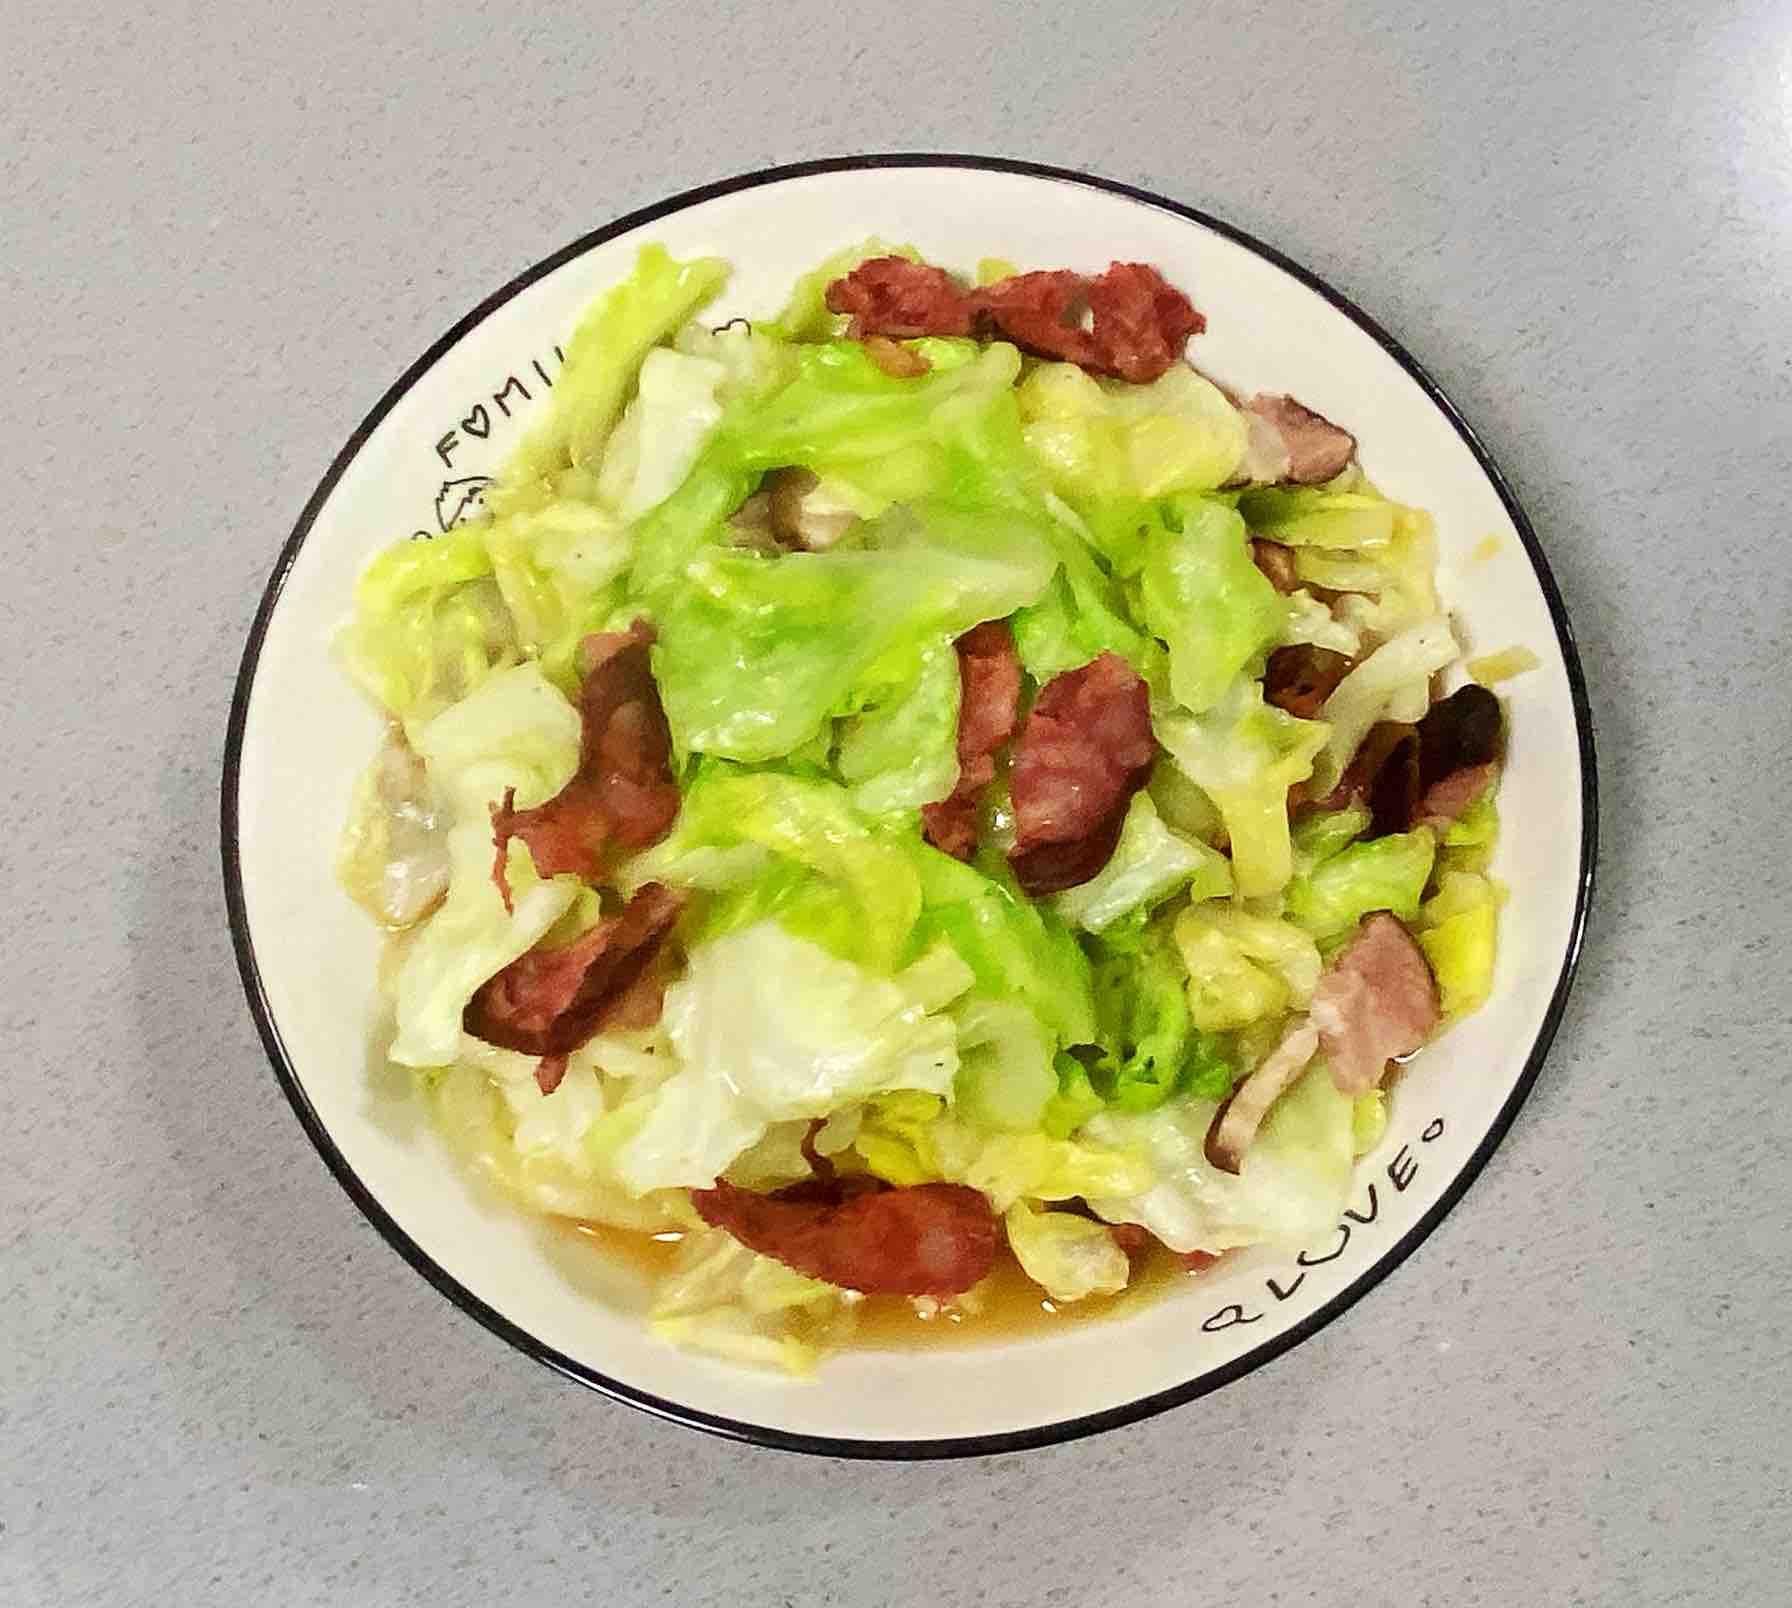 【孕妇食谱】手撕包菜炒腊肠,好吃又好看,美味又下饭~成品图